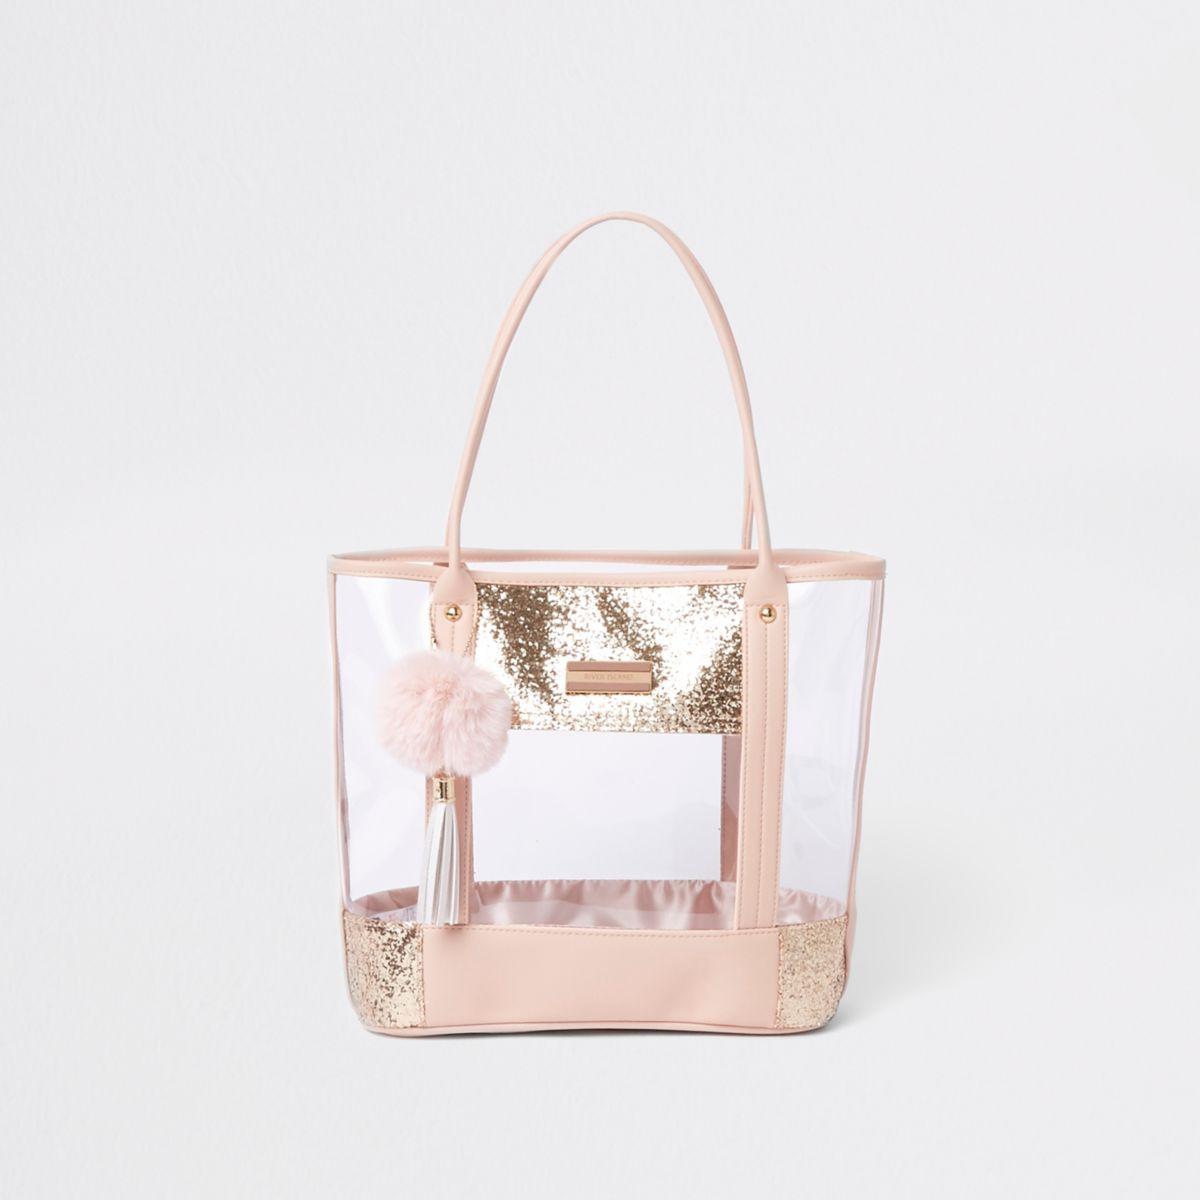 Rosa Shopper-Tasche mit Glitzer